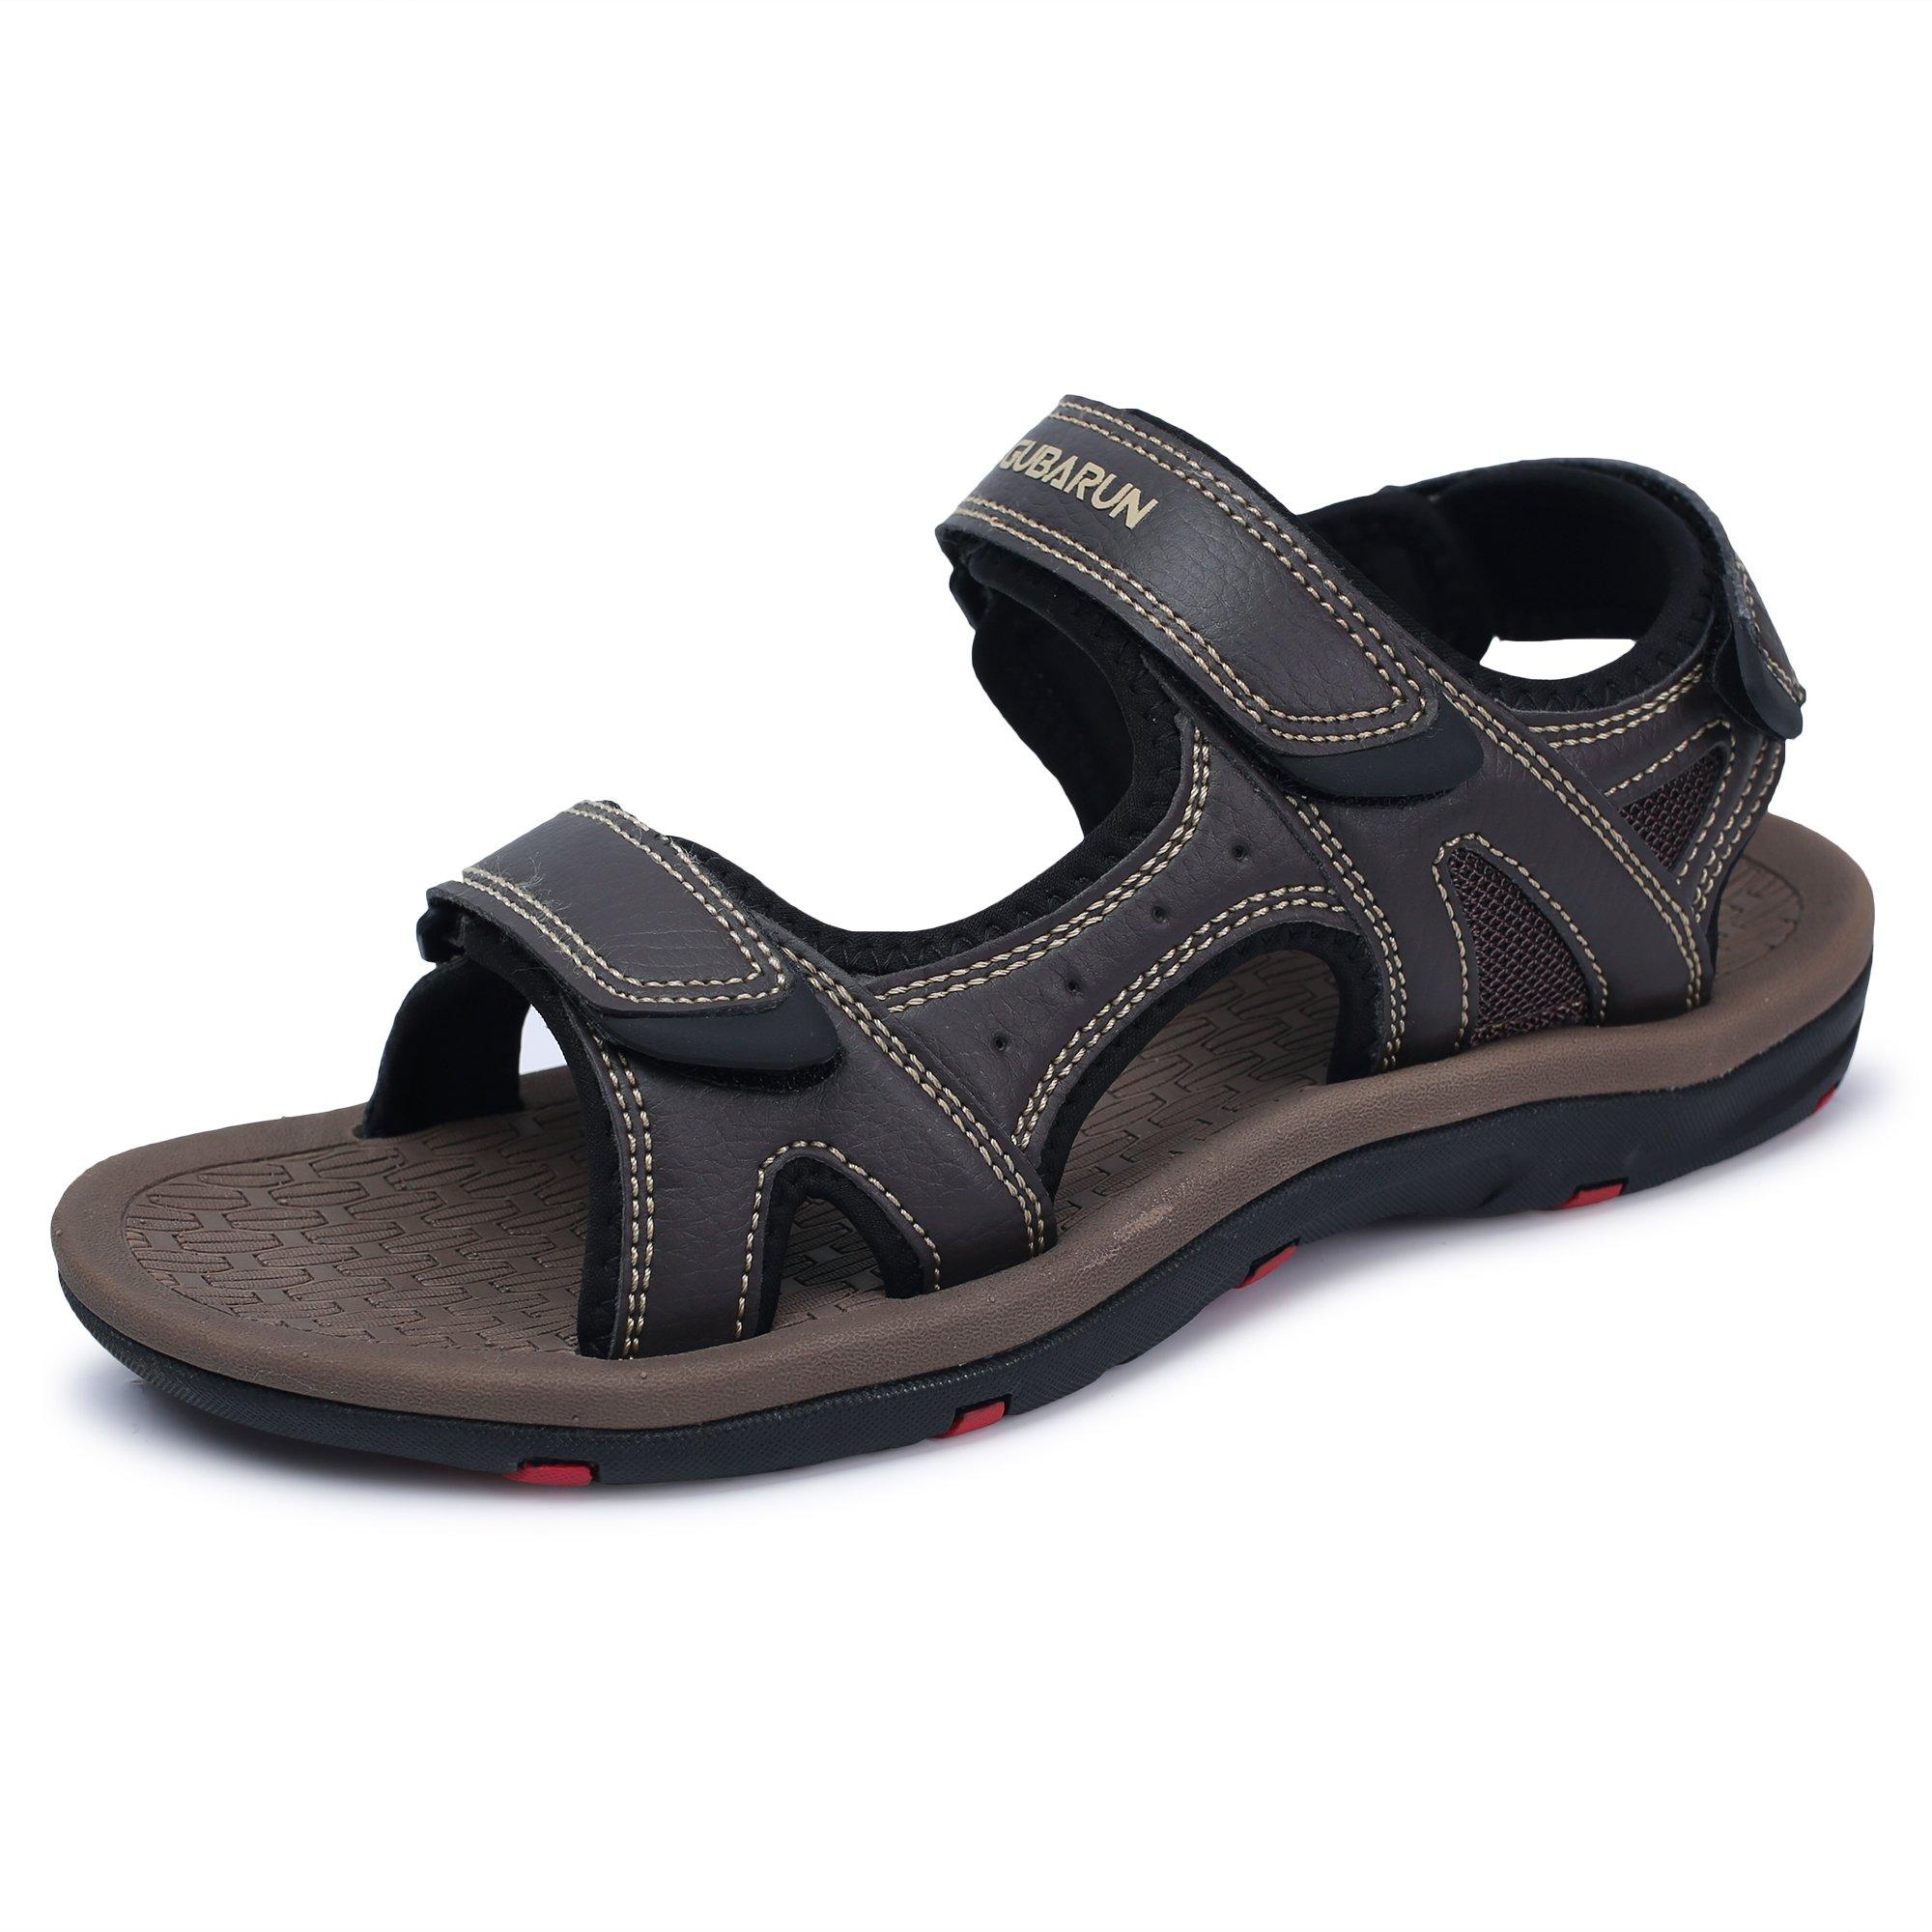 GUBARUN AthleticSandalsforMenOpen-ToeSandalsStrapSummerShoes(Coffee 10.5)